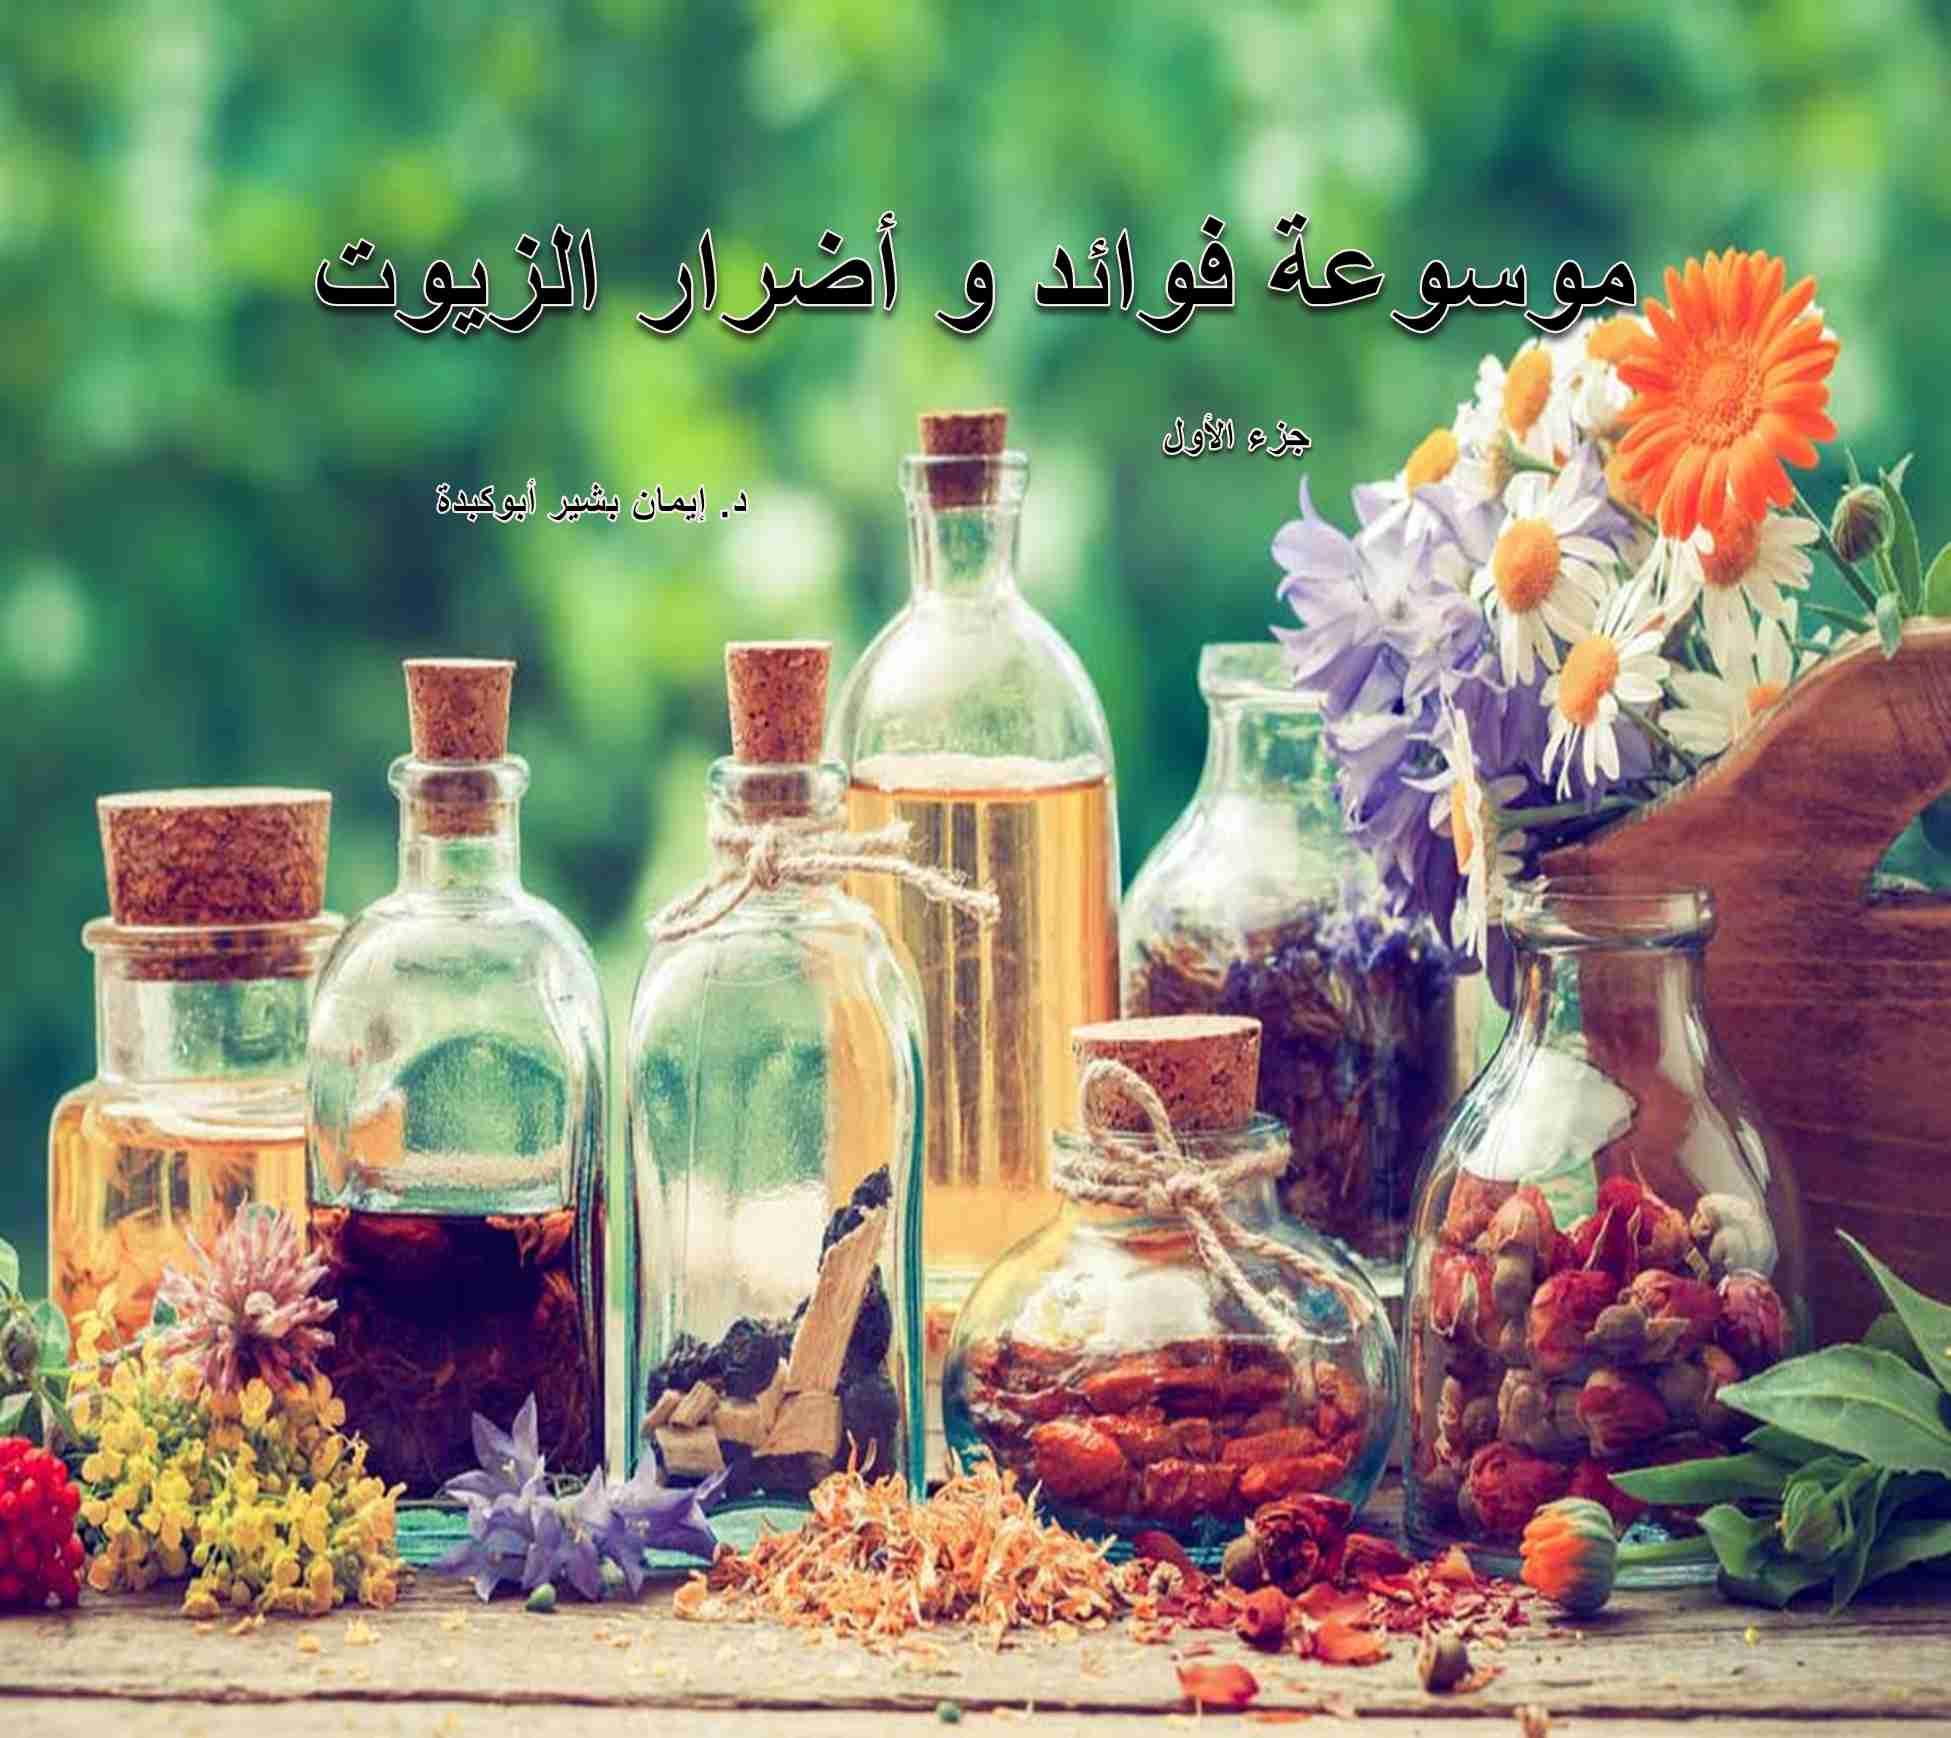 كتاب فوائد و اضرار الزيوت  لـ إيمان بشير ابوكبدة